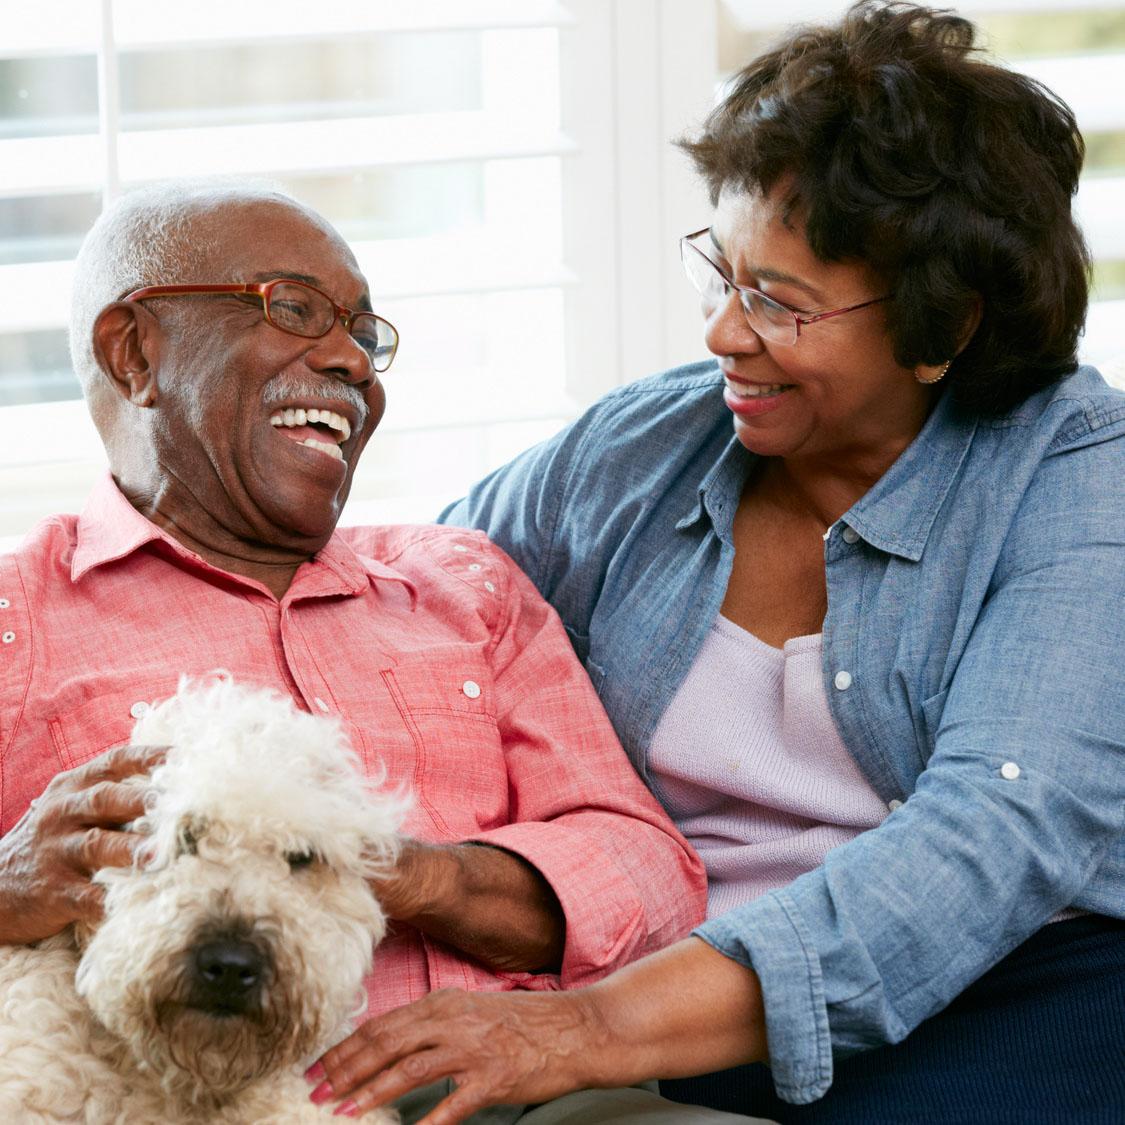 senior couple with dog